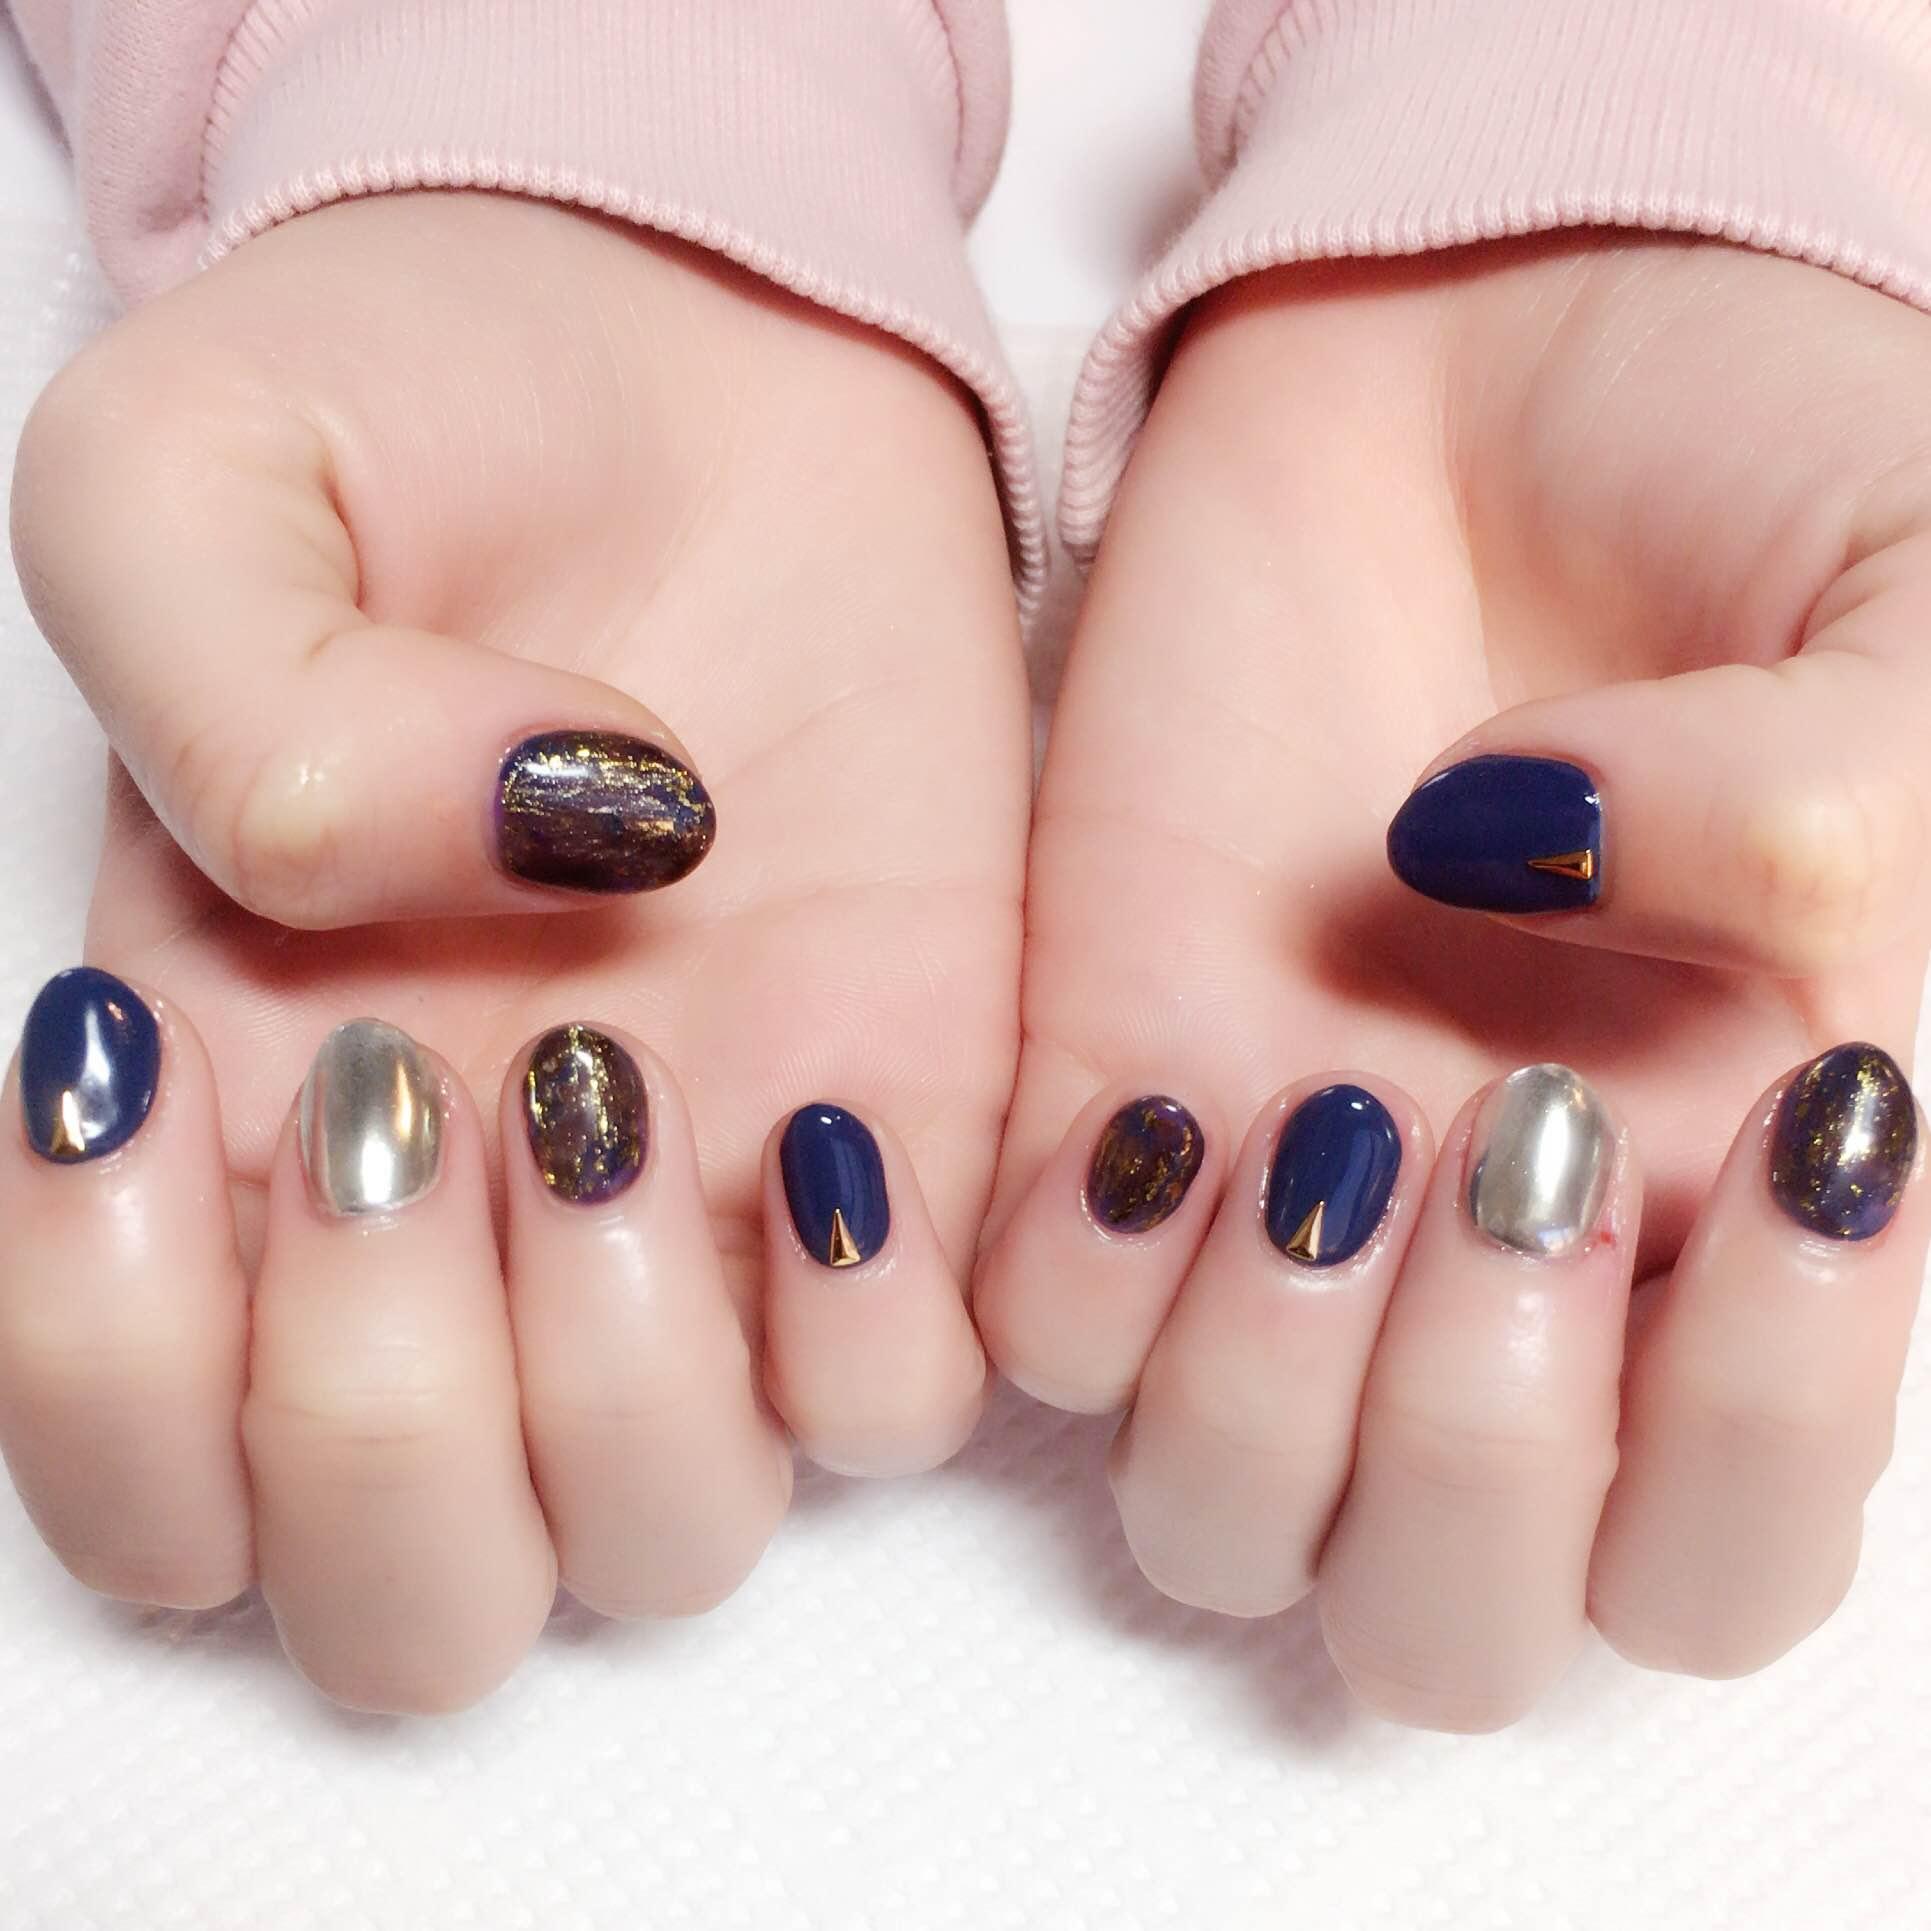 Eyelashes&Nail salon WINKのネイル